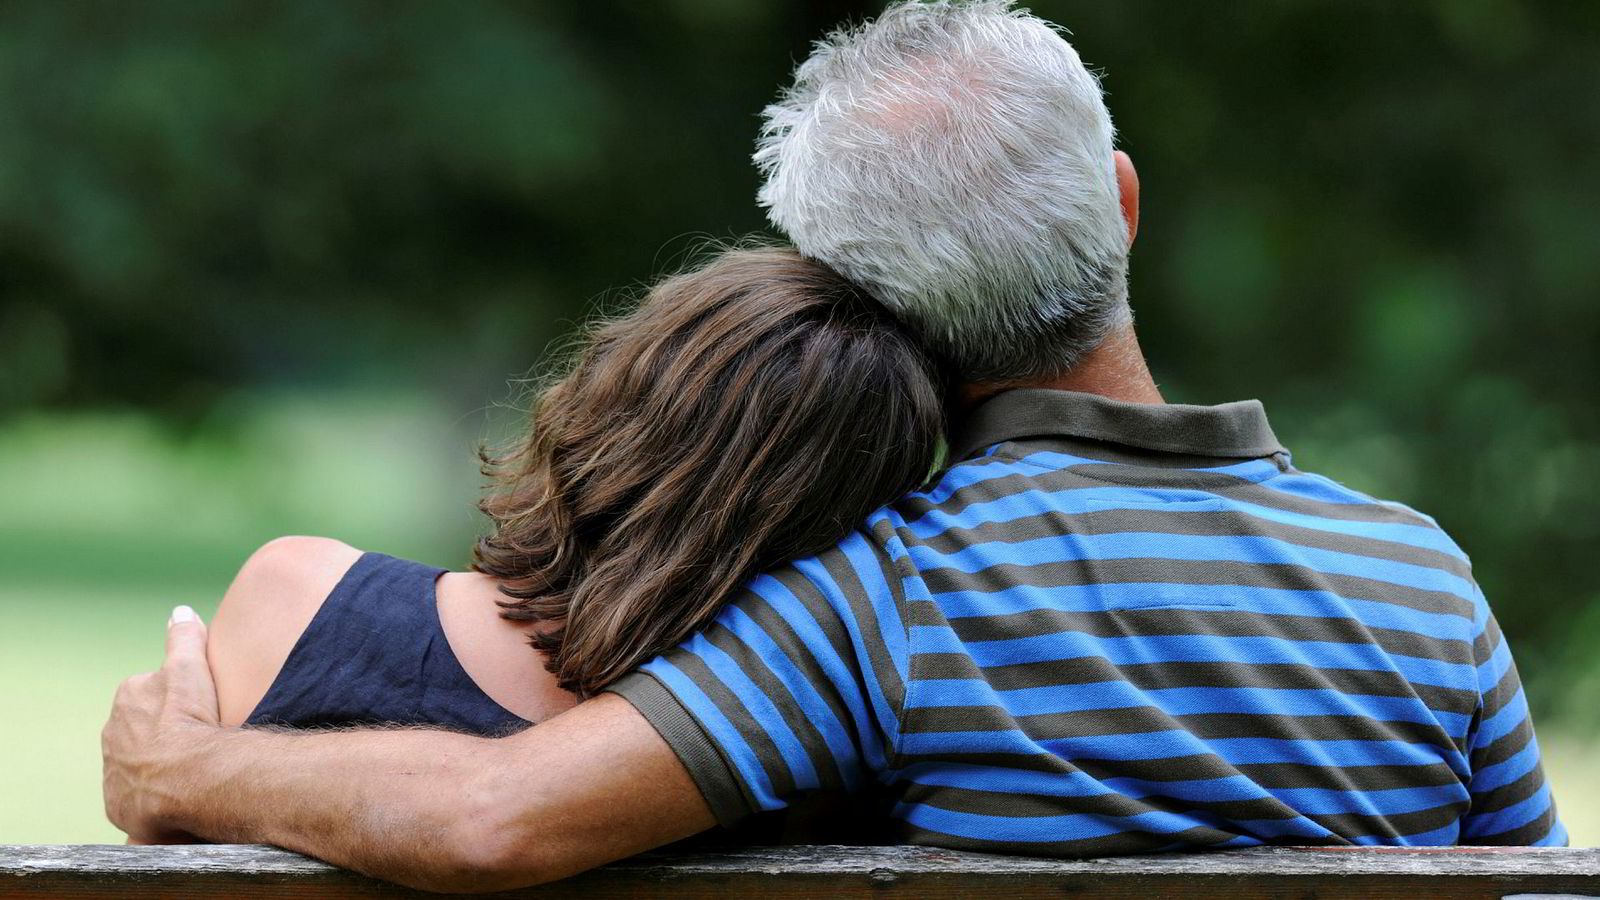 Endring i menns og kvinners relasjonsnivå påvirker deres aktivitetsnivå ulikt, ifølge ny finsk forskning.